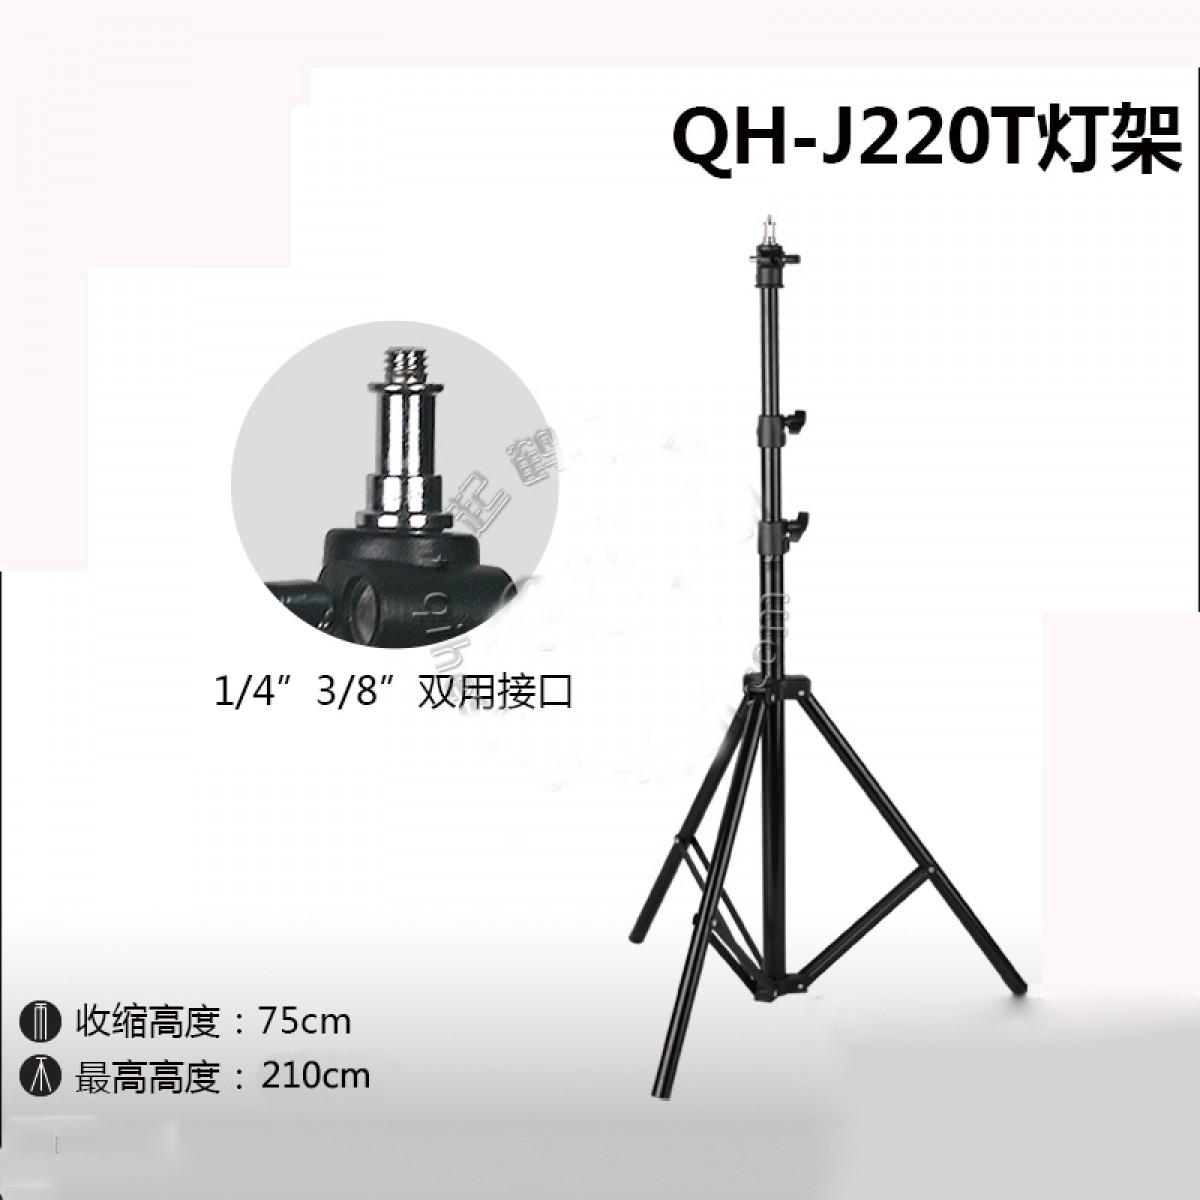 Qihe起鹤牌QH-J220T影室灯架 双用云台